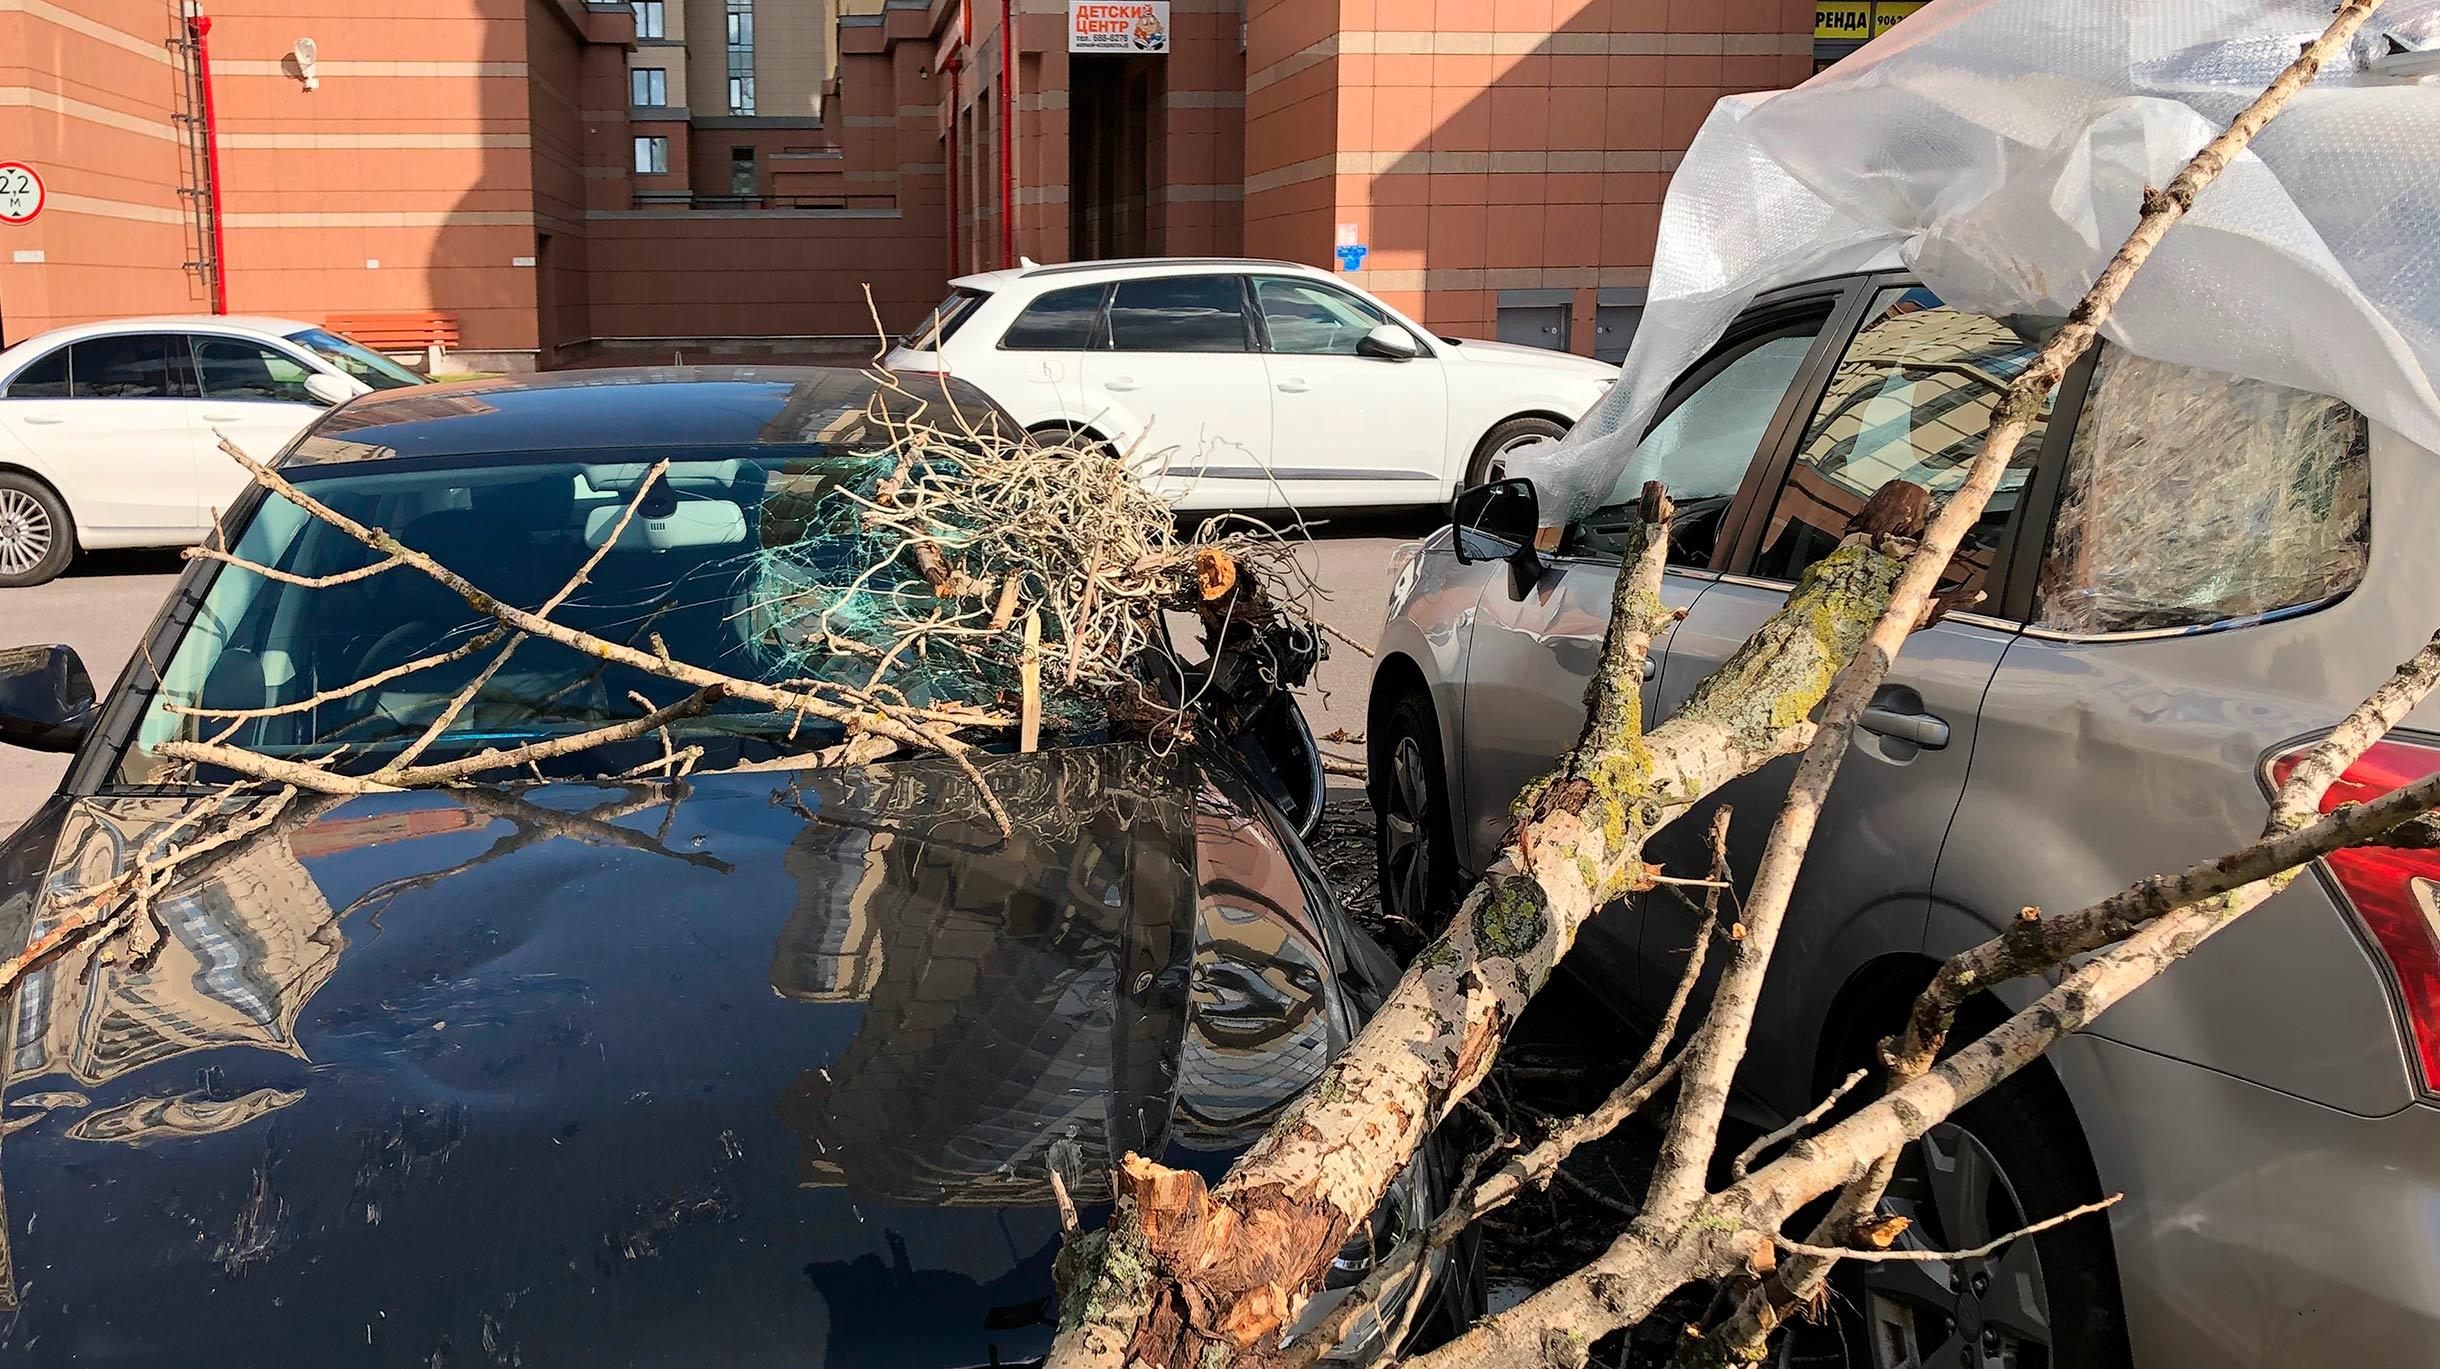 Дерево упало на машину: что делать, куда обращаться